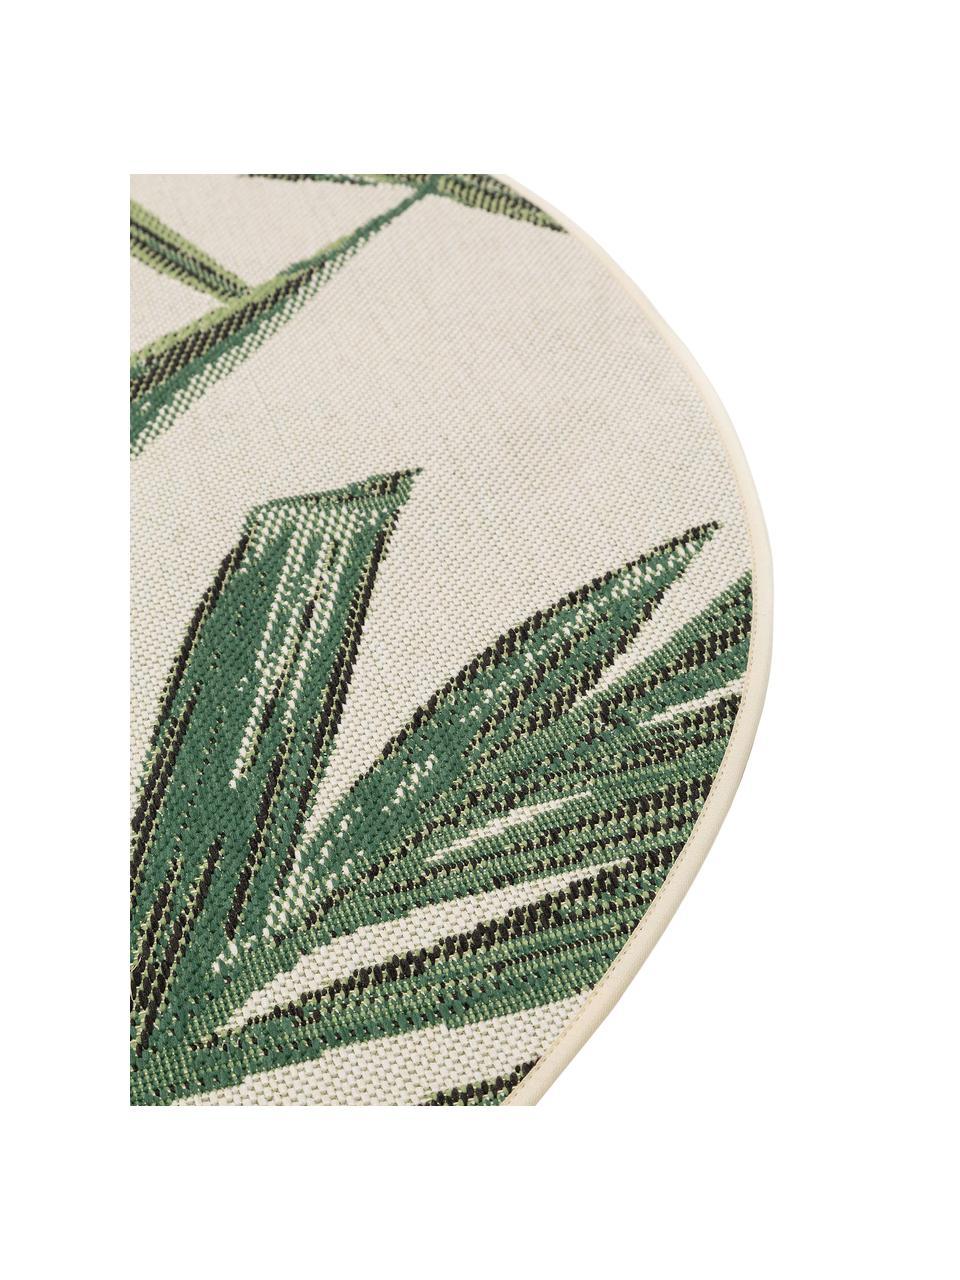 Runder In- & Outdoor-Teppich Capri, 100% Polypropylen, Grün, Creme, Ø 160 cm (Größe L)